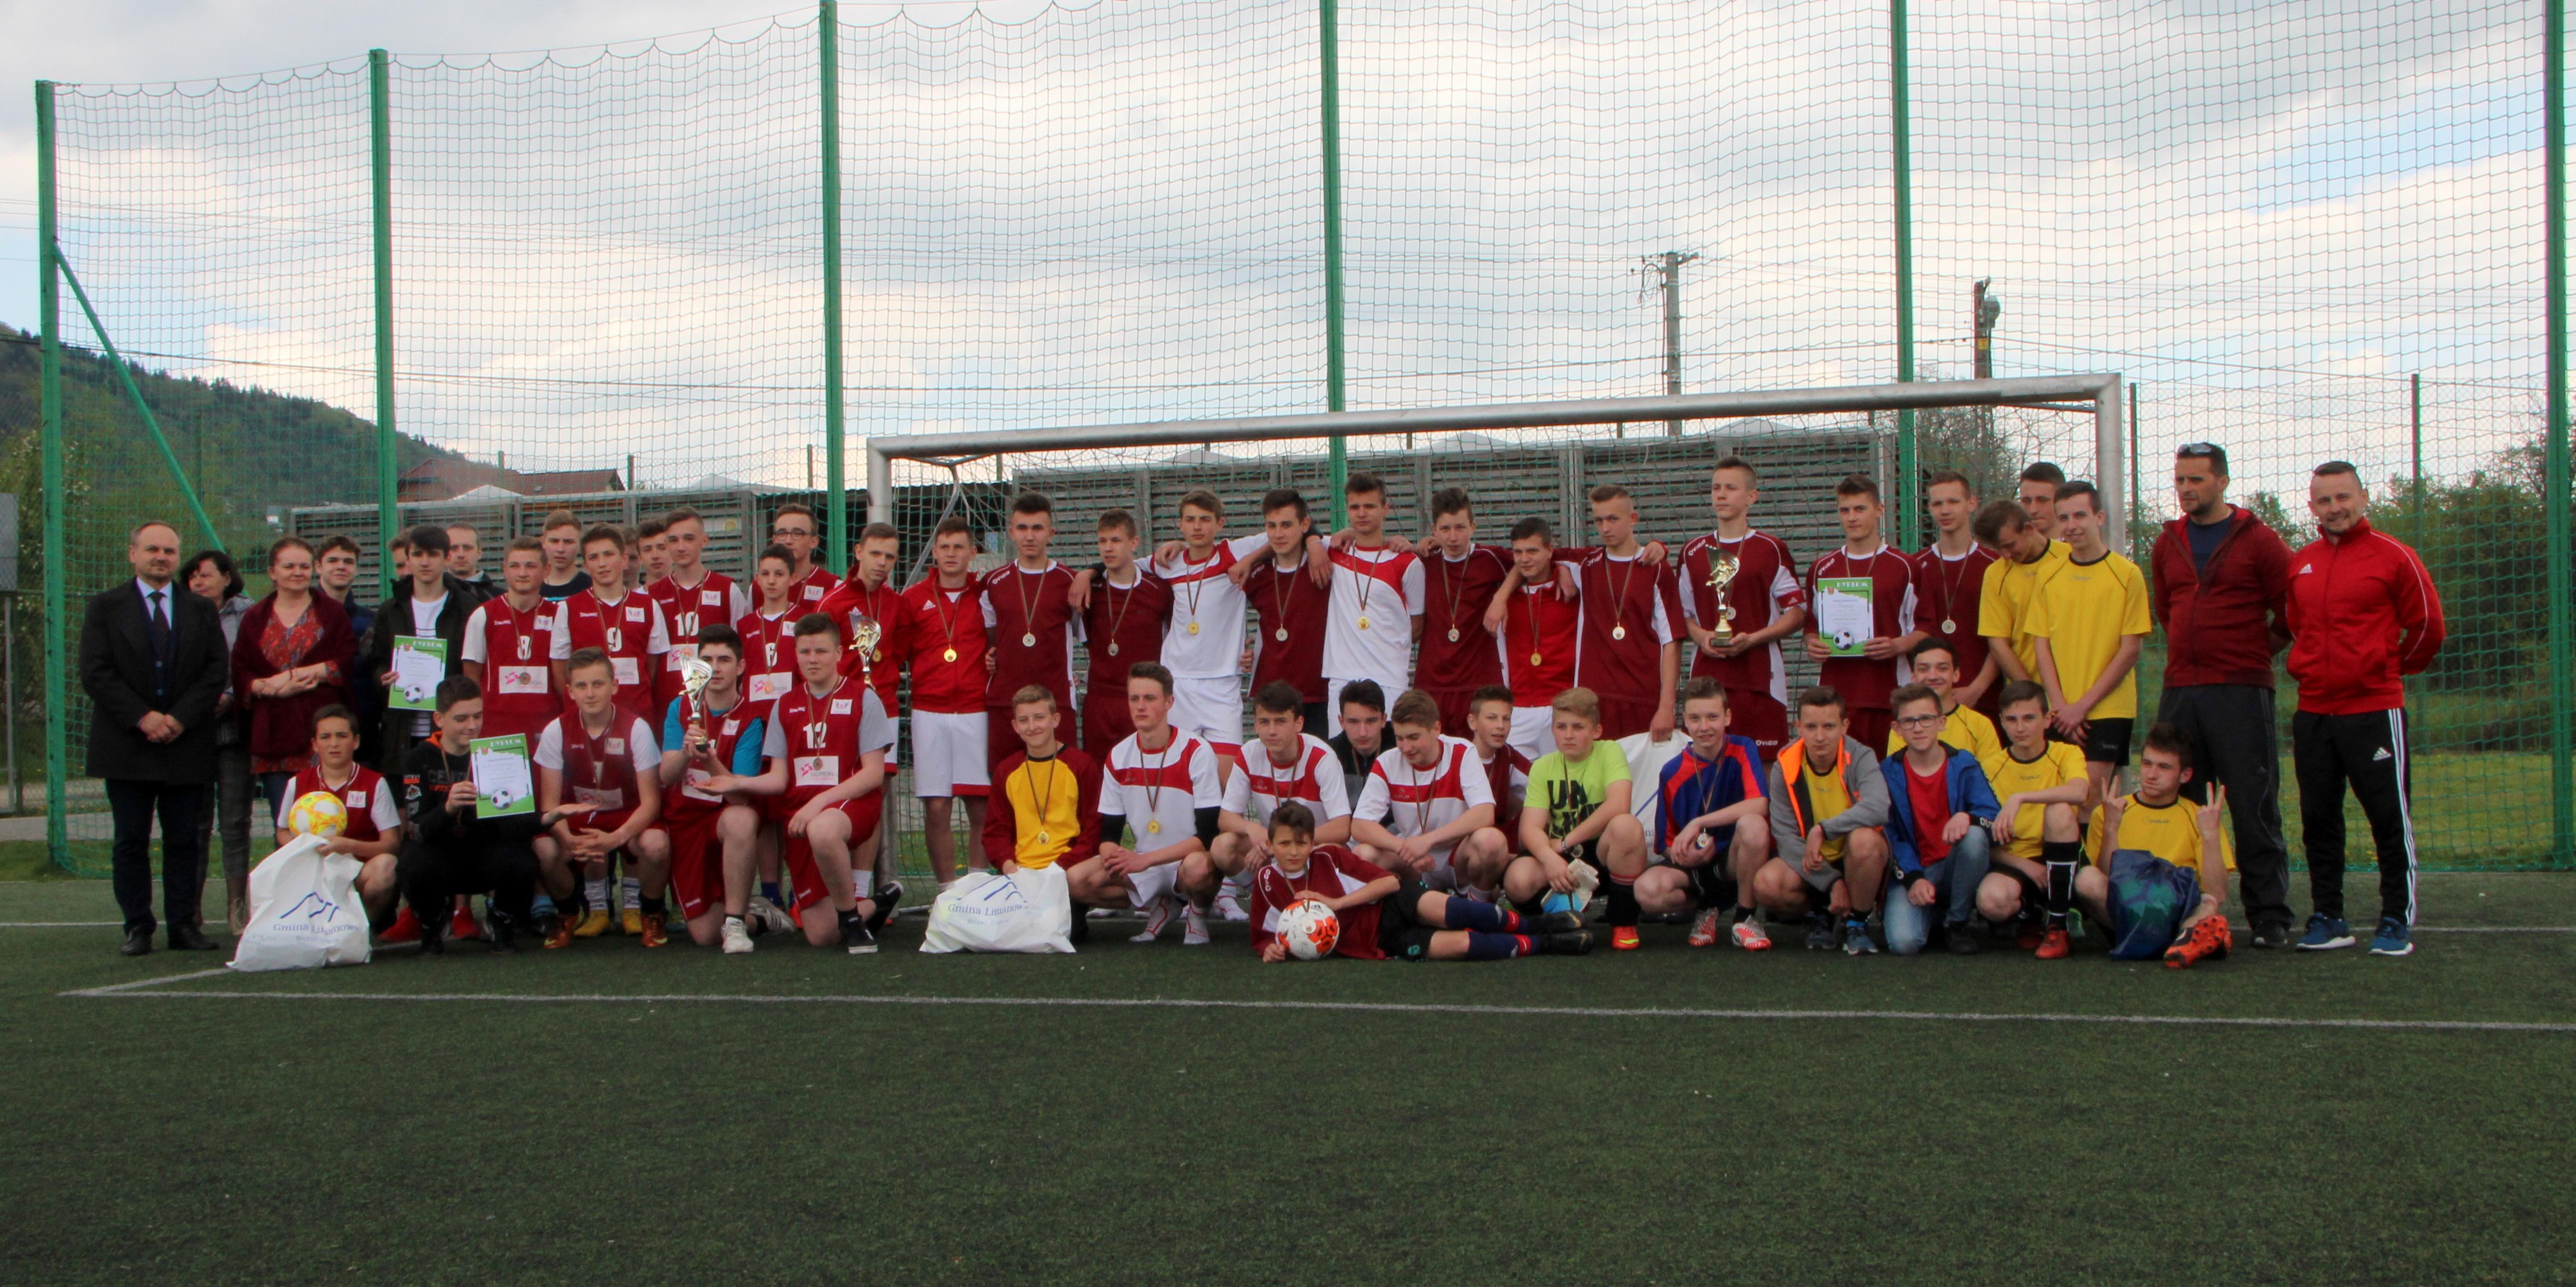 Mistrzostwa  gminy w piłce nożnej chłopców i dziewczat 2003/04/05 - zdjęcie główne